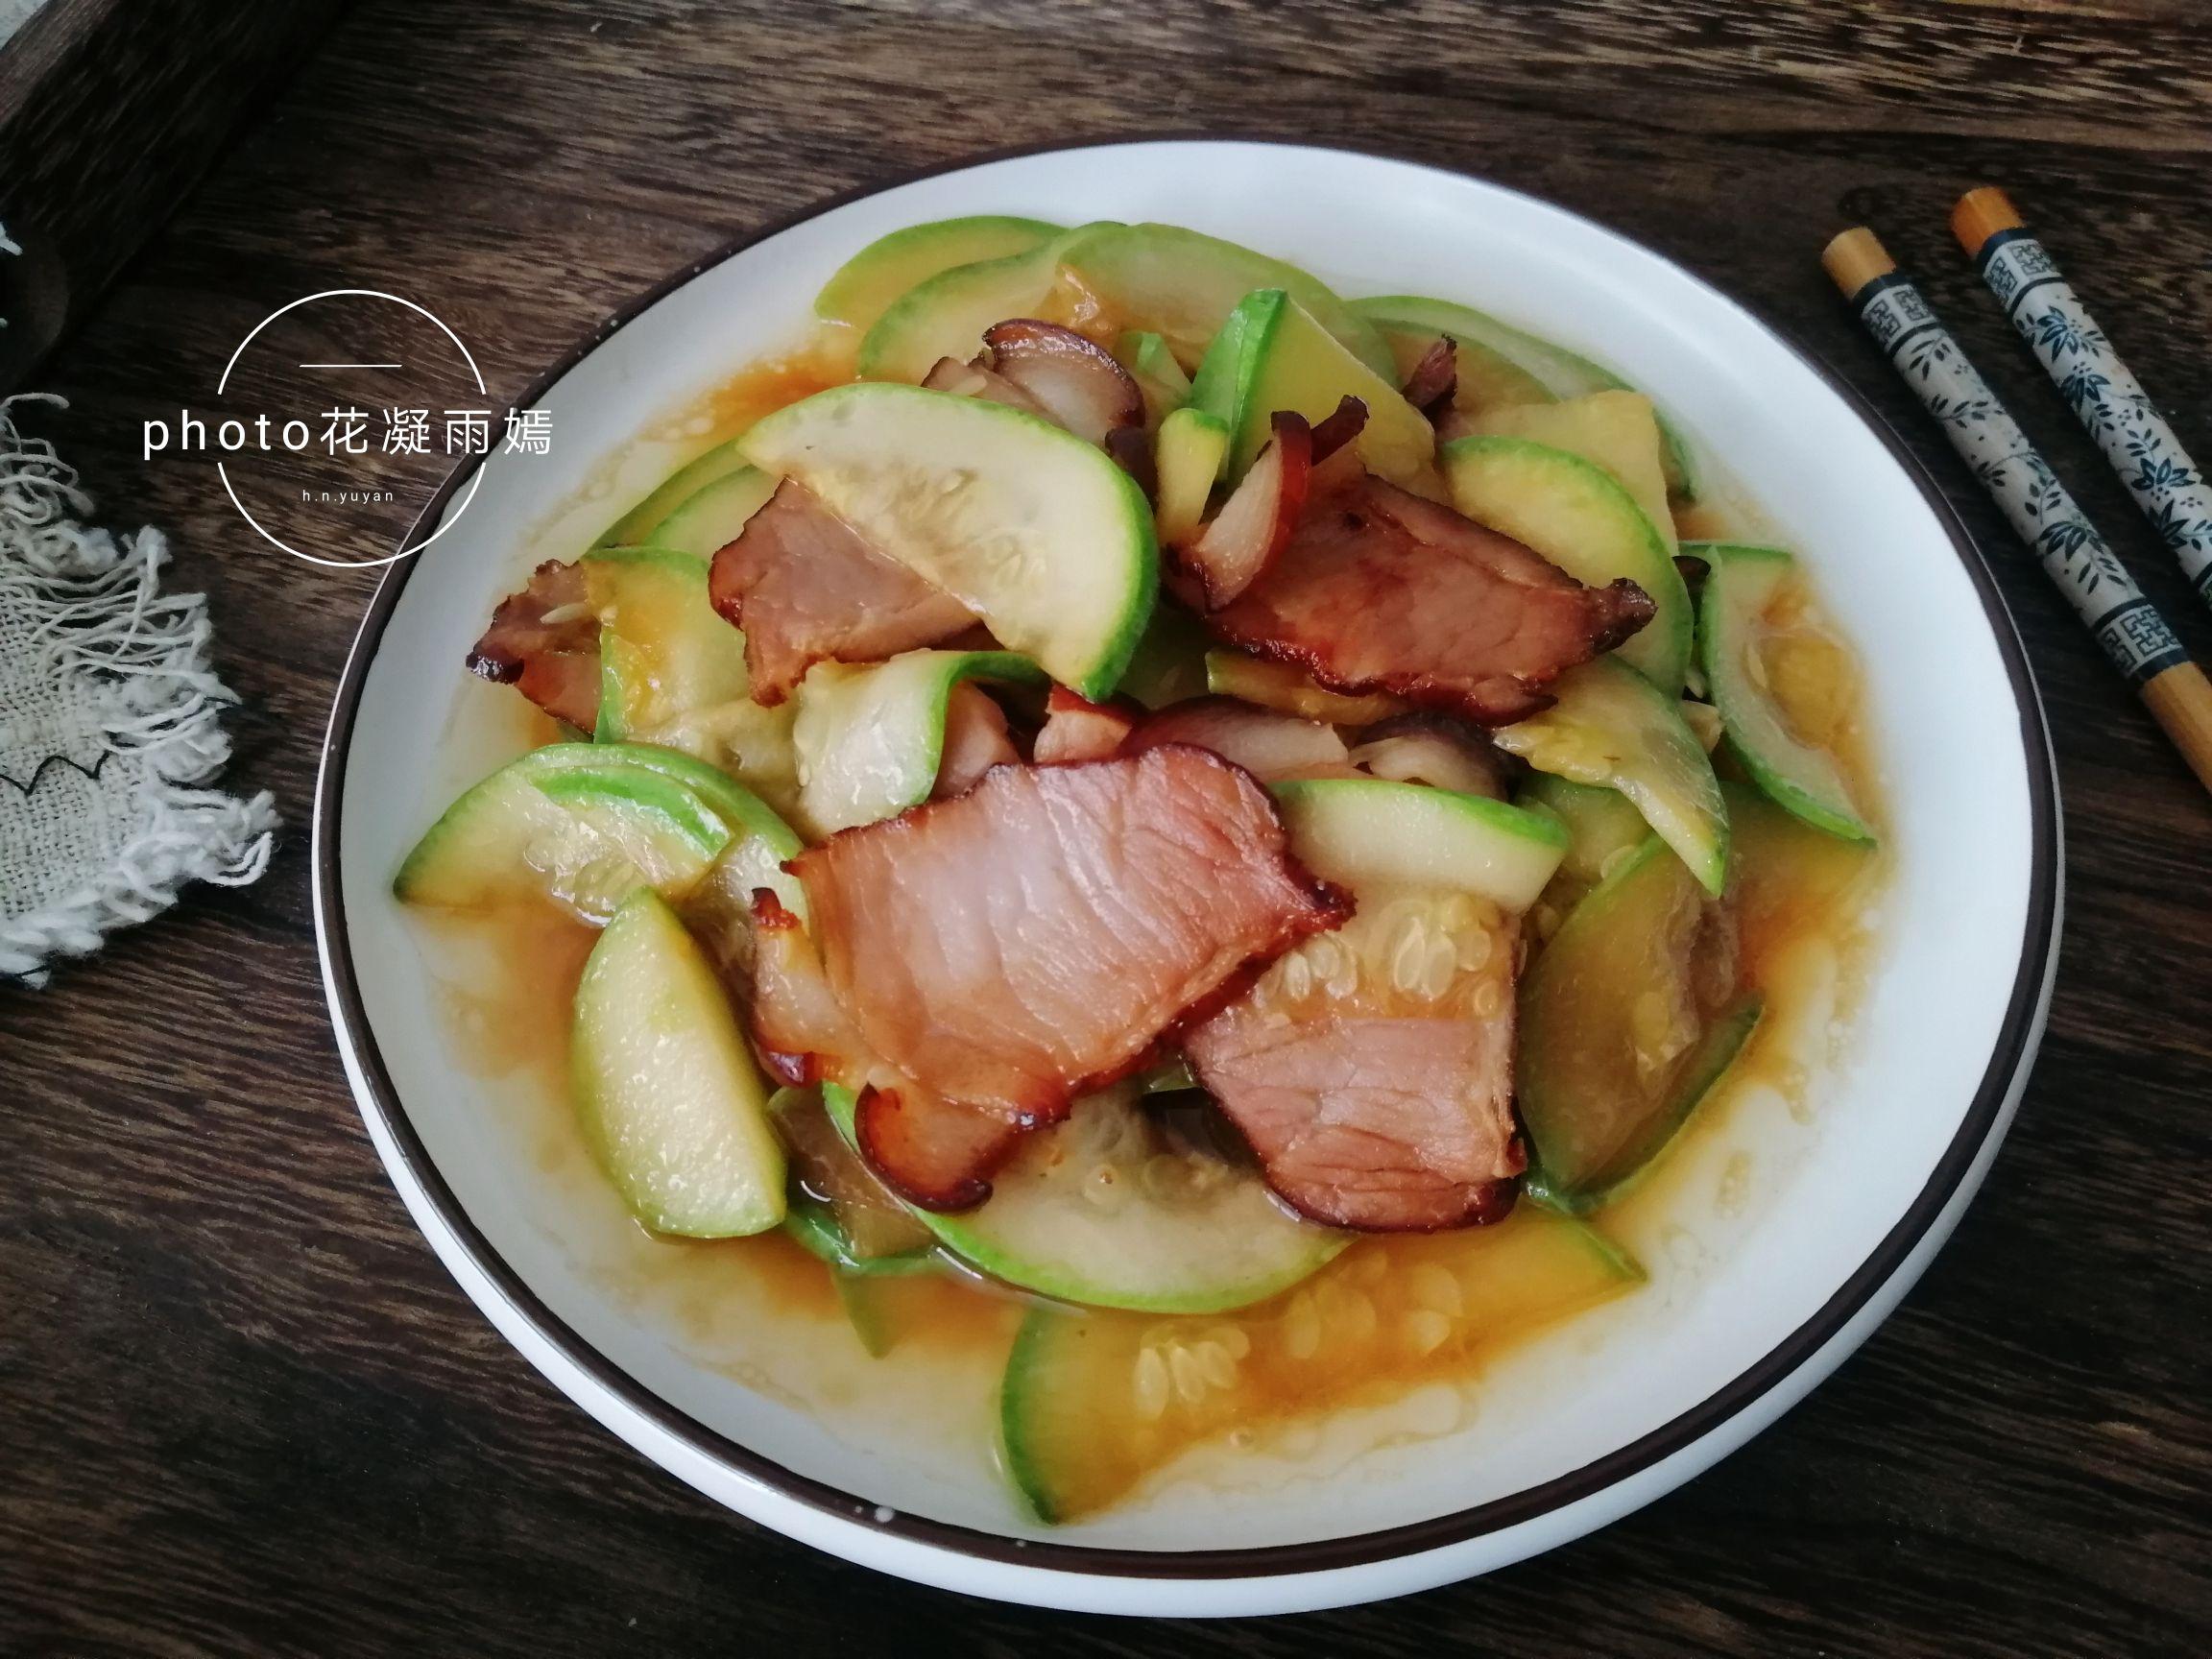 西葫芦炒腊肉怎么炒